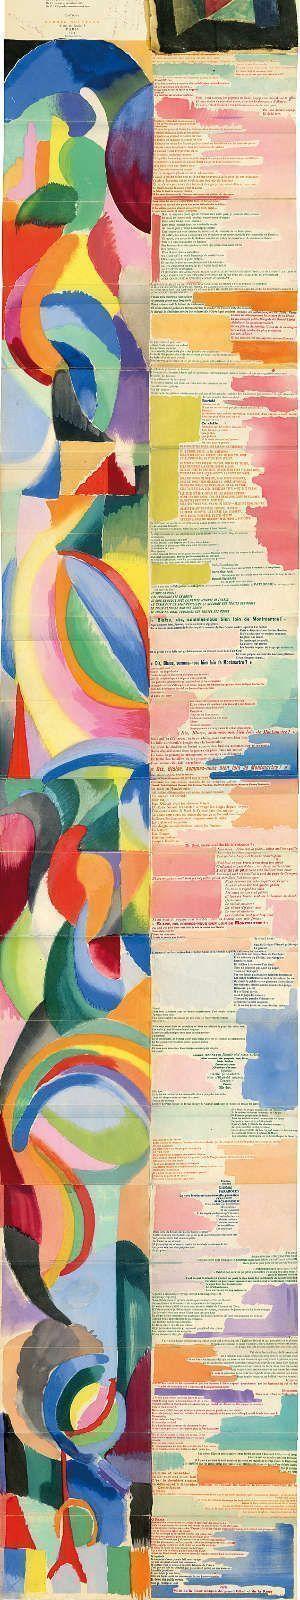 Sonia Delaunay und Blaise Cendrars, Prosa über die Transsibirische Eisenbahn und die kleine Jeanne d'Arc, 1913, Typografie, Aquarell und Schablone auf Papier, 193,5 x 18,5 cm (Privatsammlung © Pracusa 2017633)